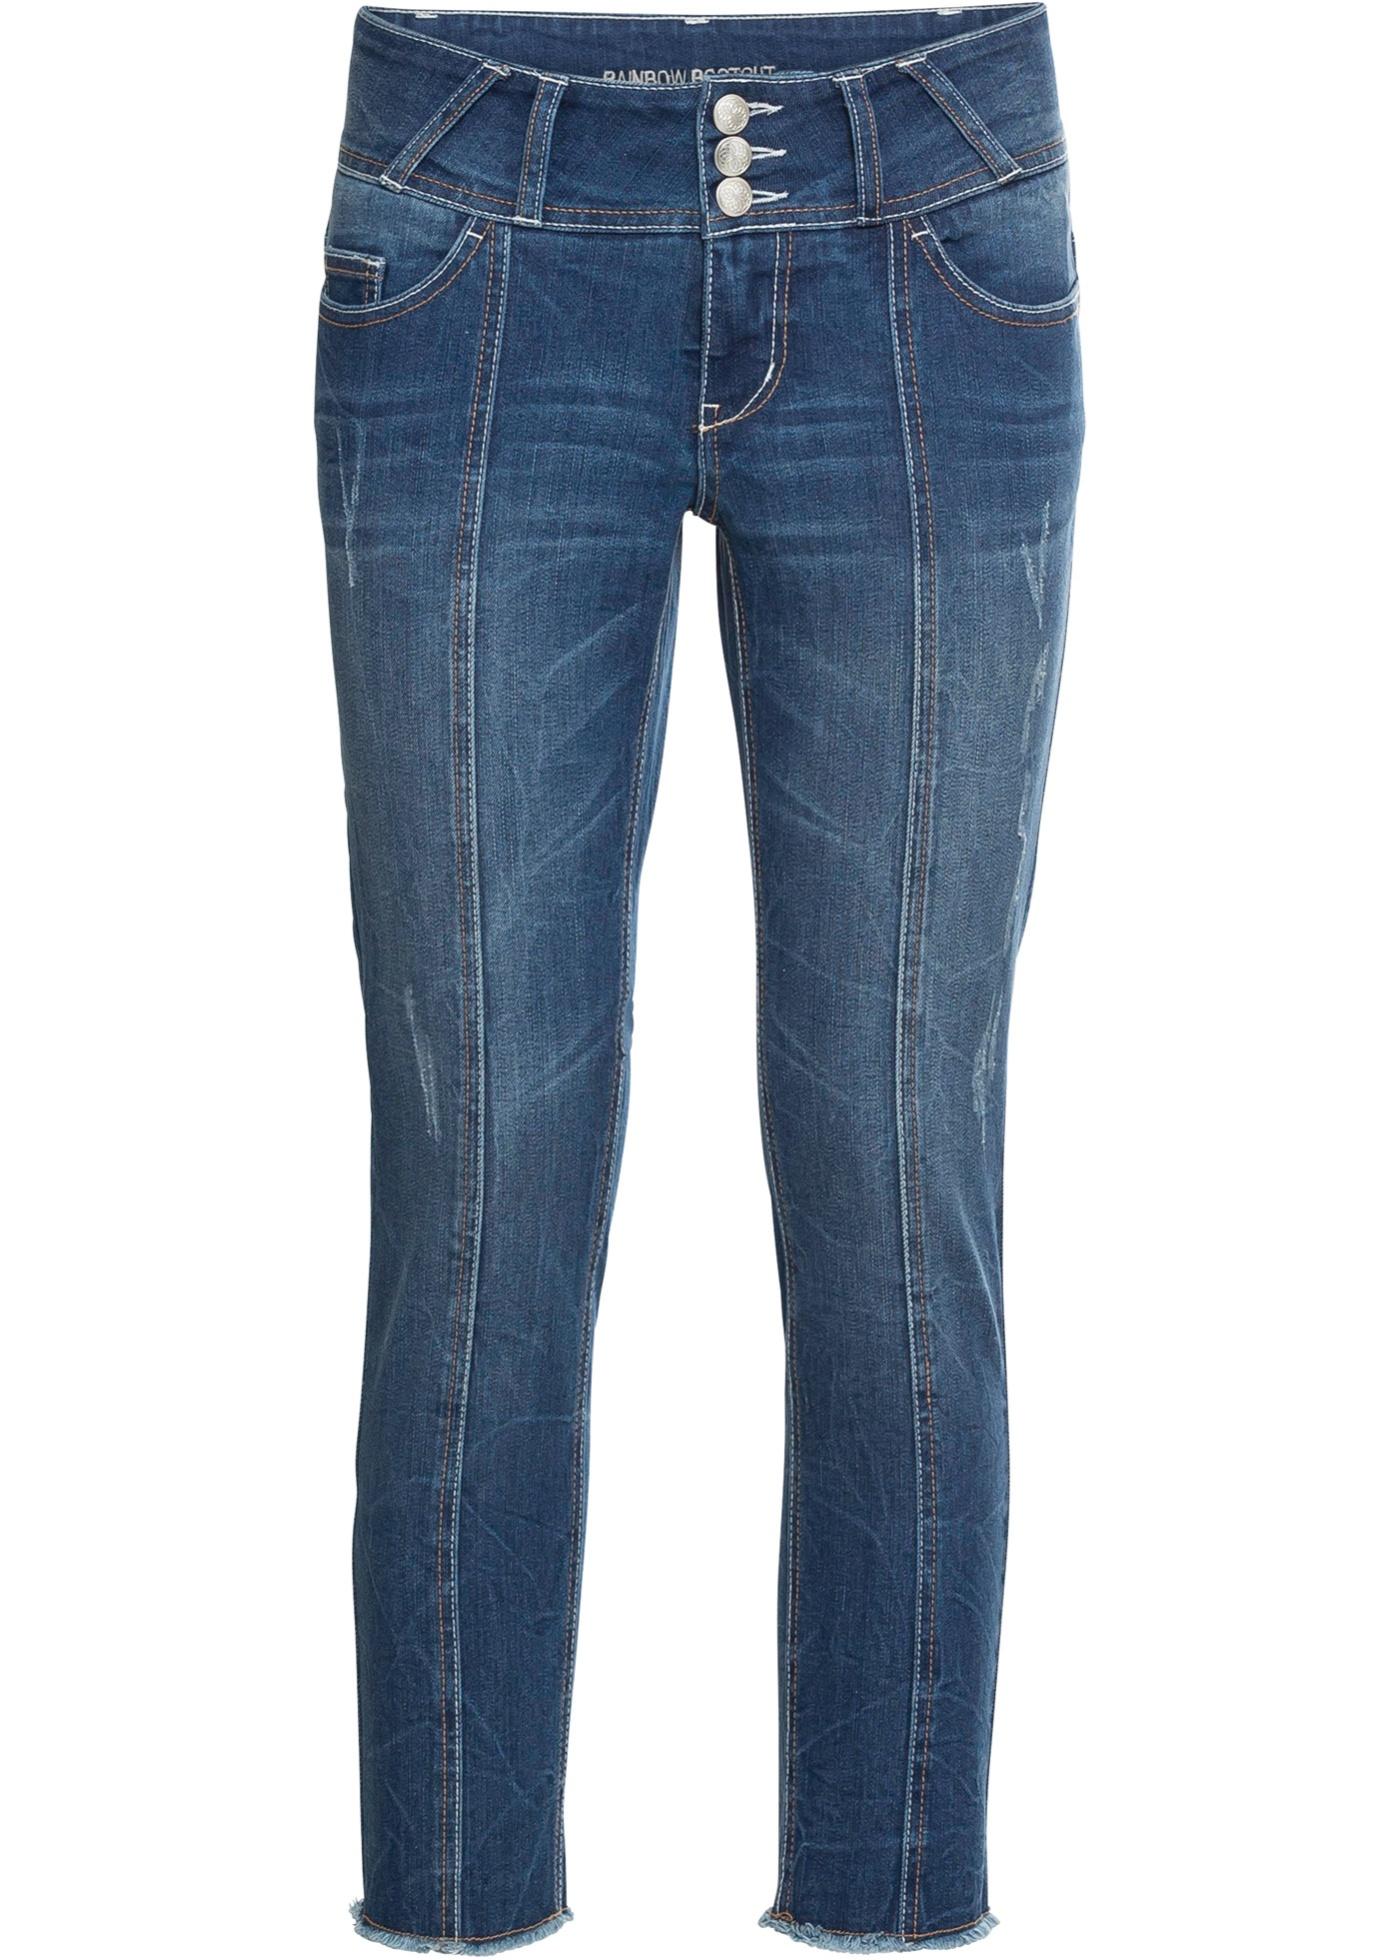 Bonprix - Skinny jeans 299.00